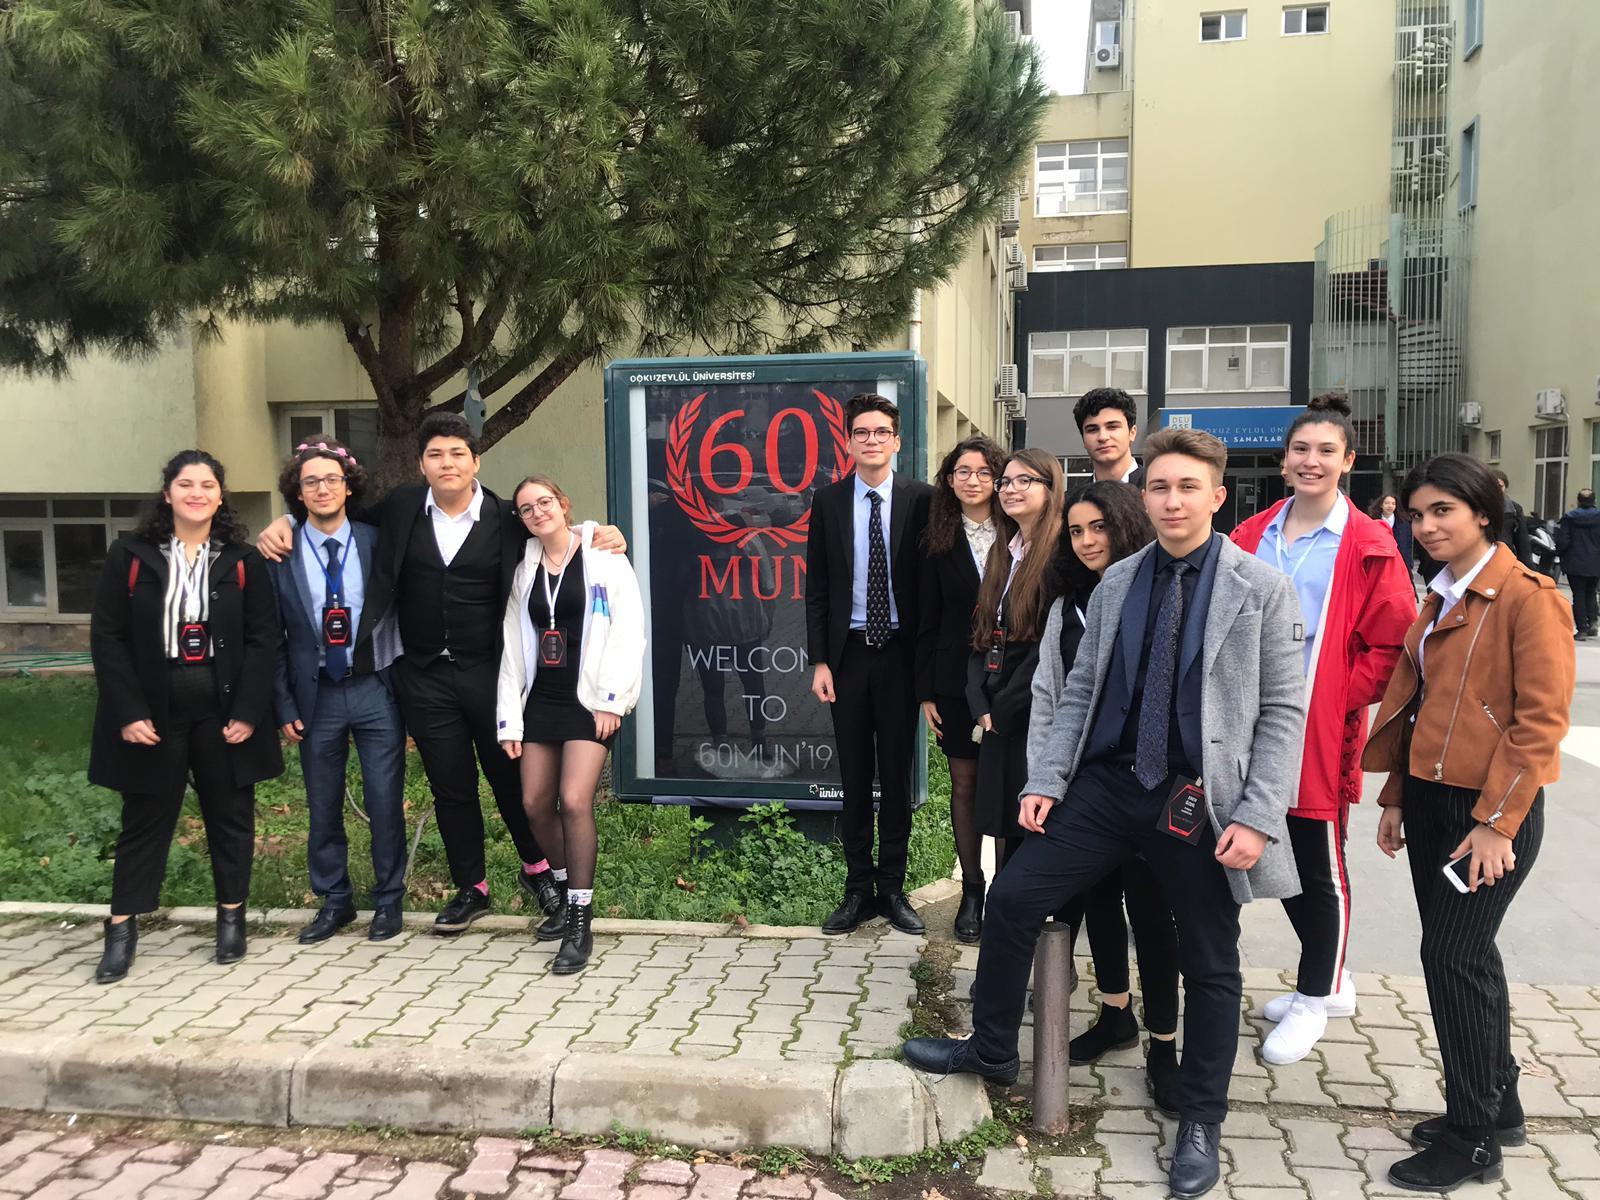 MEVMUN Öğrencileri 60MUN'dan Başarıyla Döndü